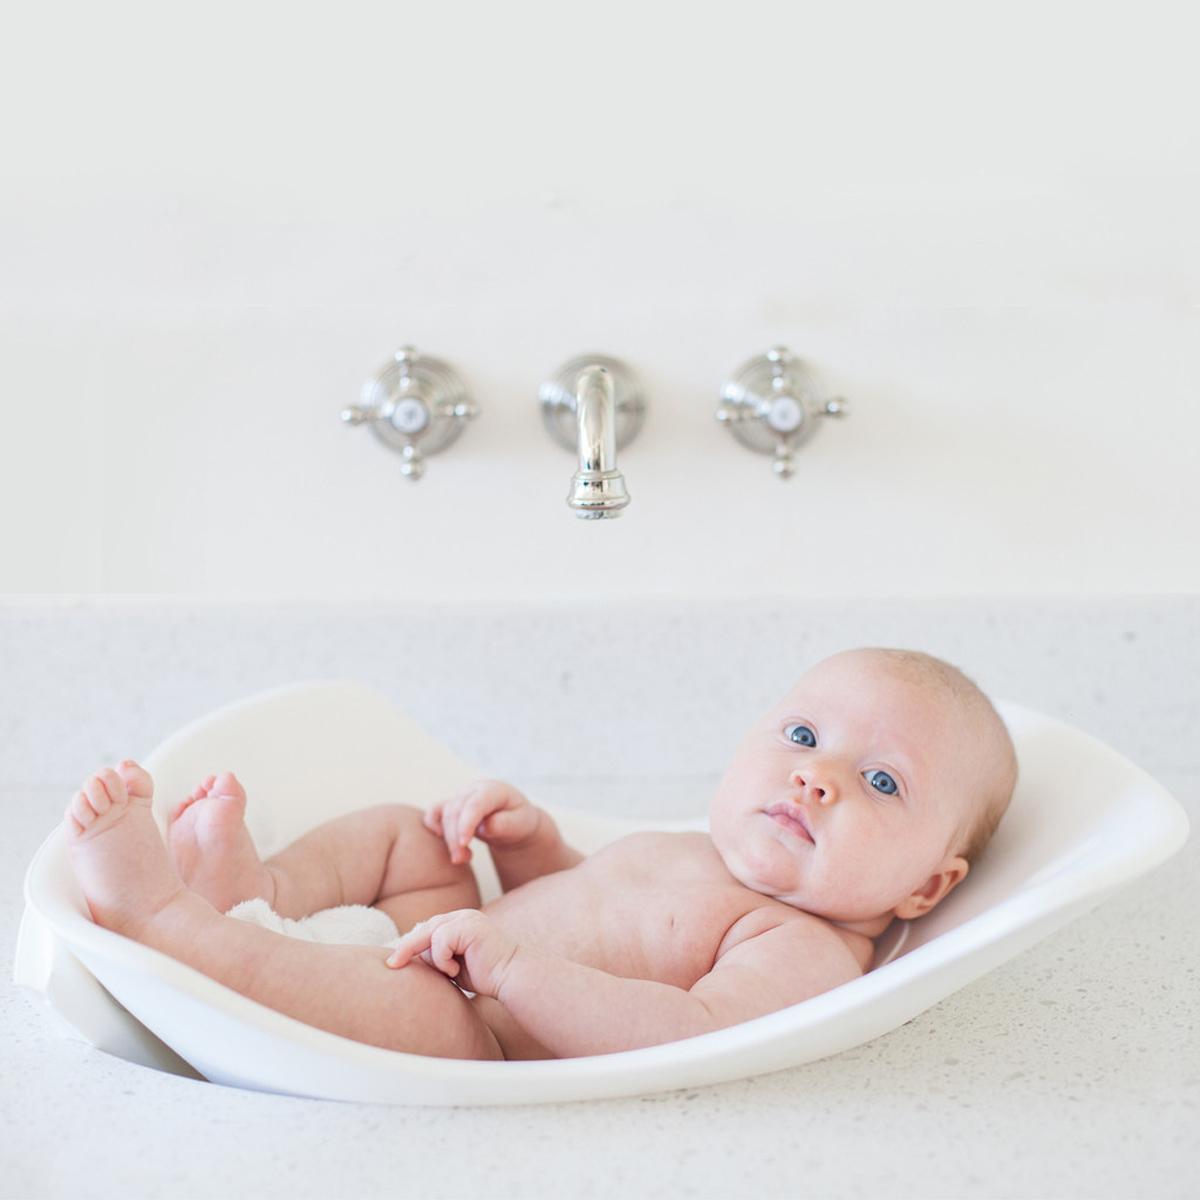 Puj Детская ванночка Tub от 0 до 6 месяцев цвет бирюзовый